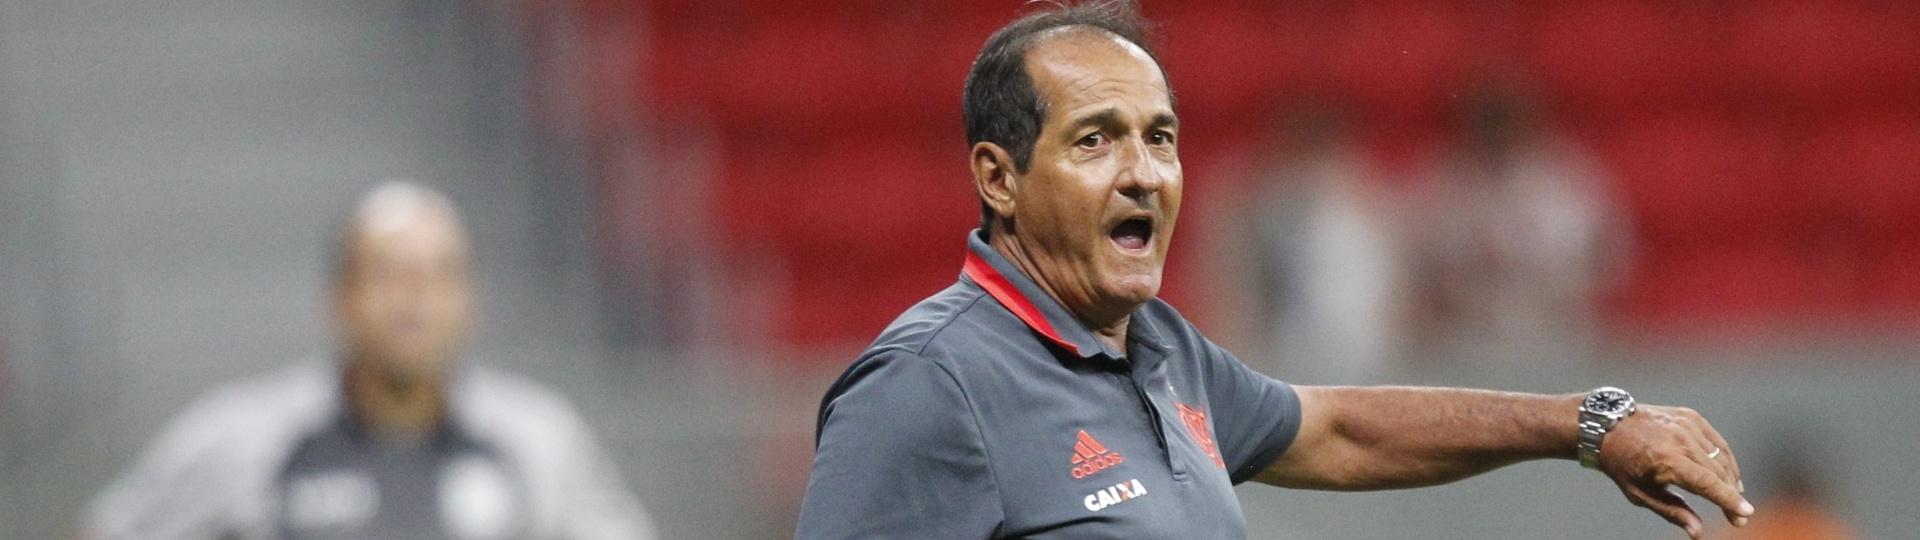 Muricy Ramalho orienta o Flamengo no empate por 1 a 1 com o Figueirense